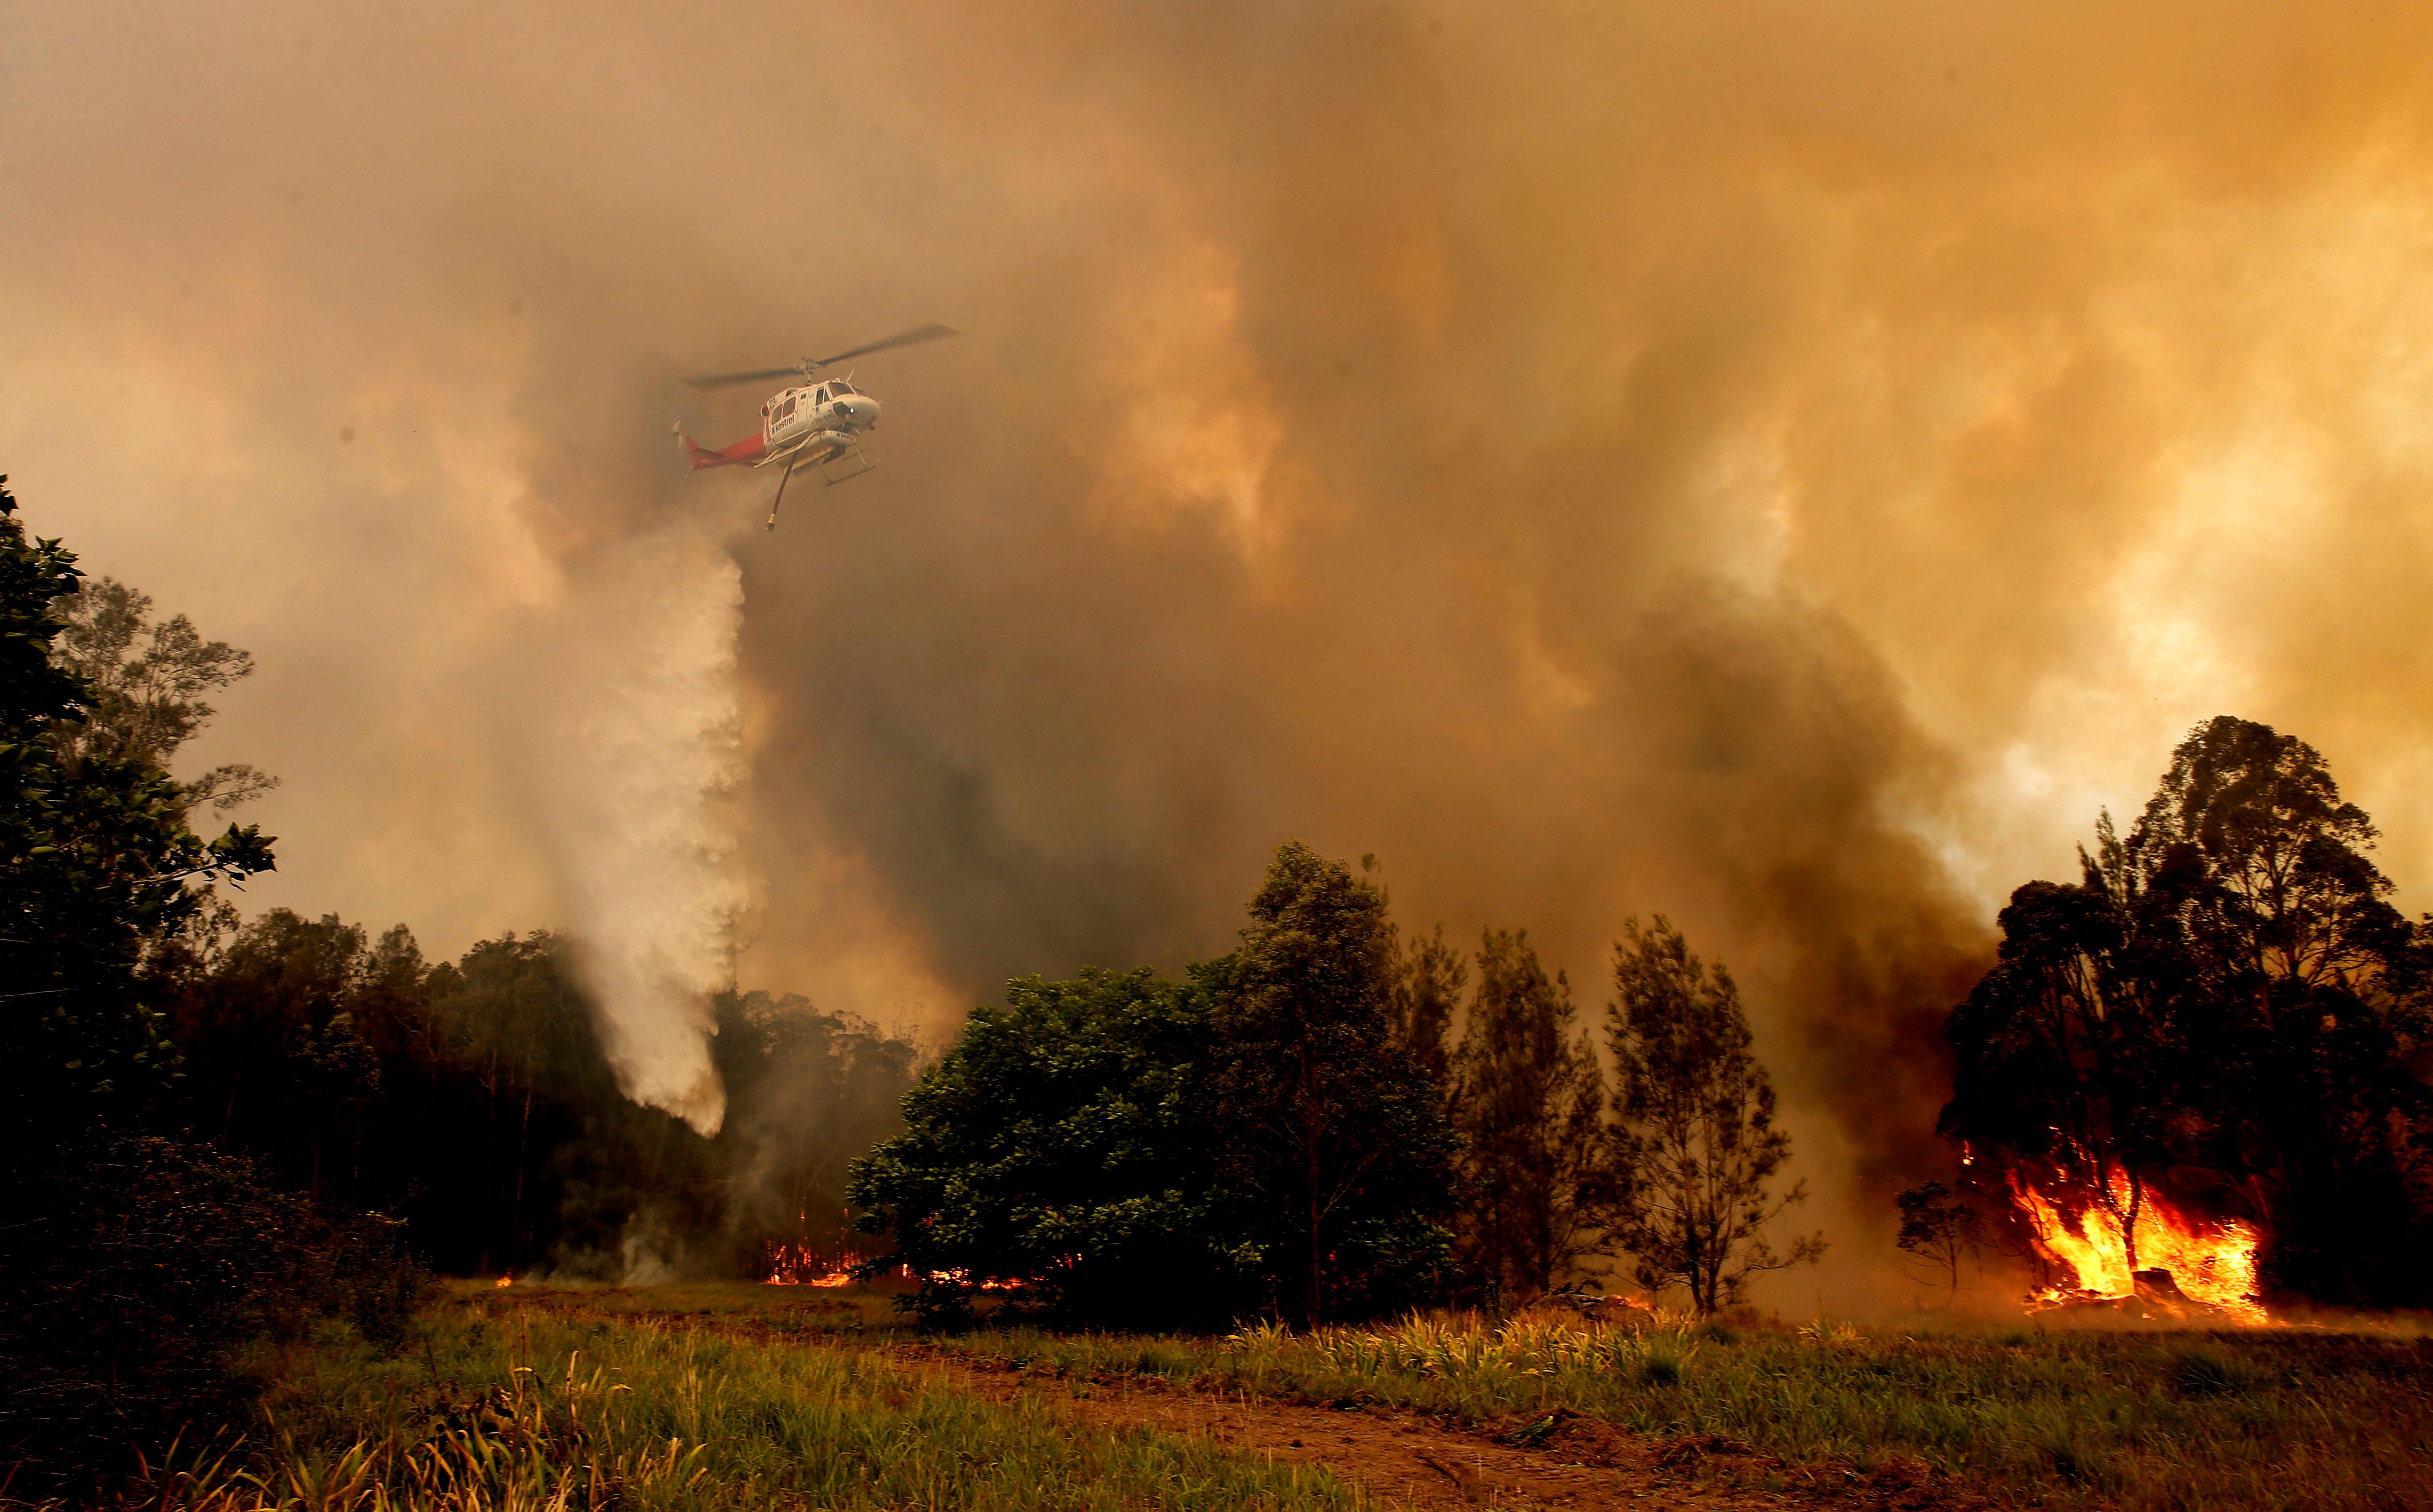 Η Αυστραλία καίγεται! Τρεις νεκροί και τέσσερις αγνοούμενοι από τις φωτιές